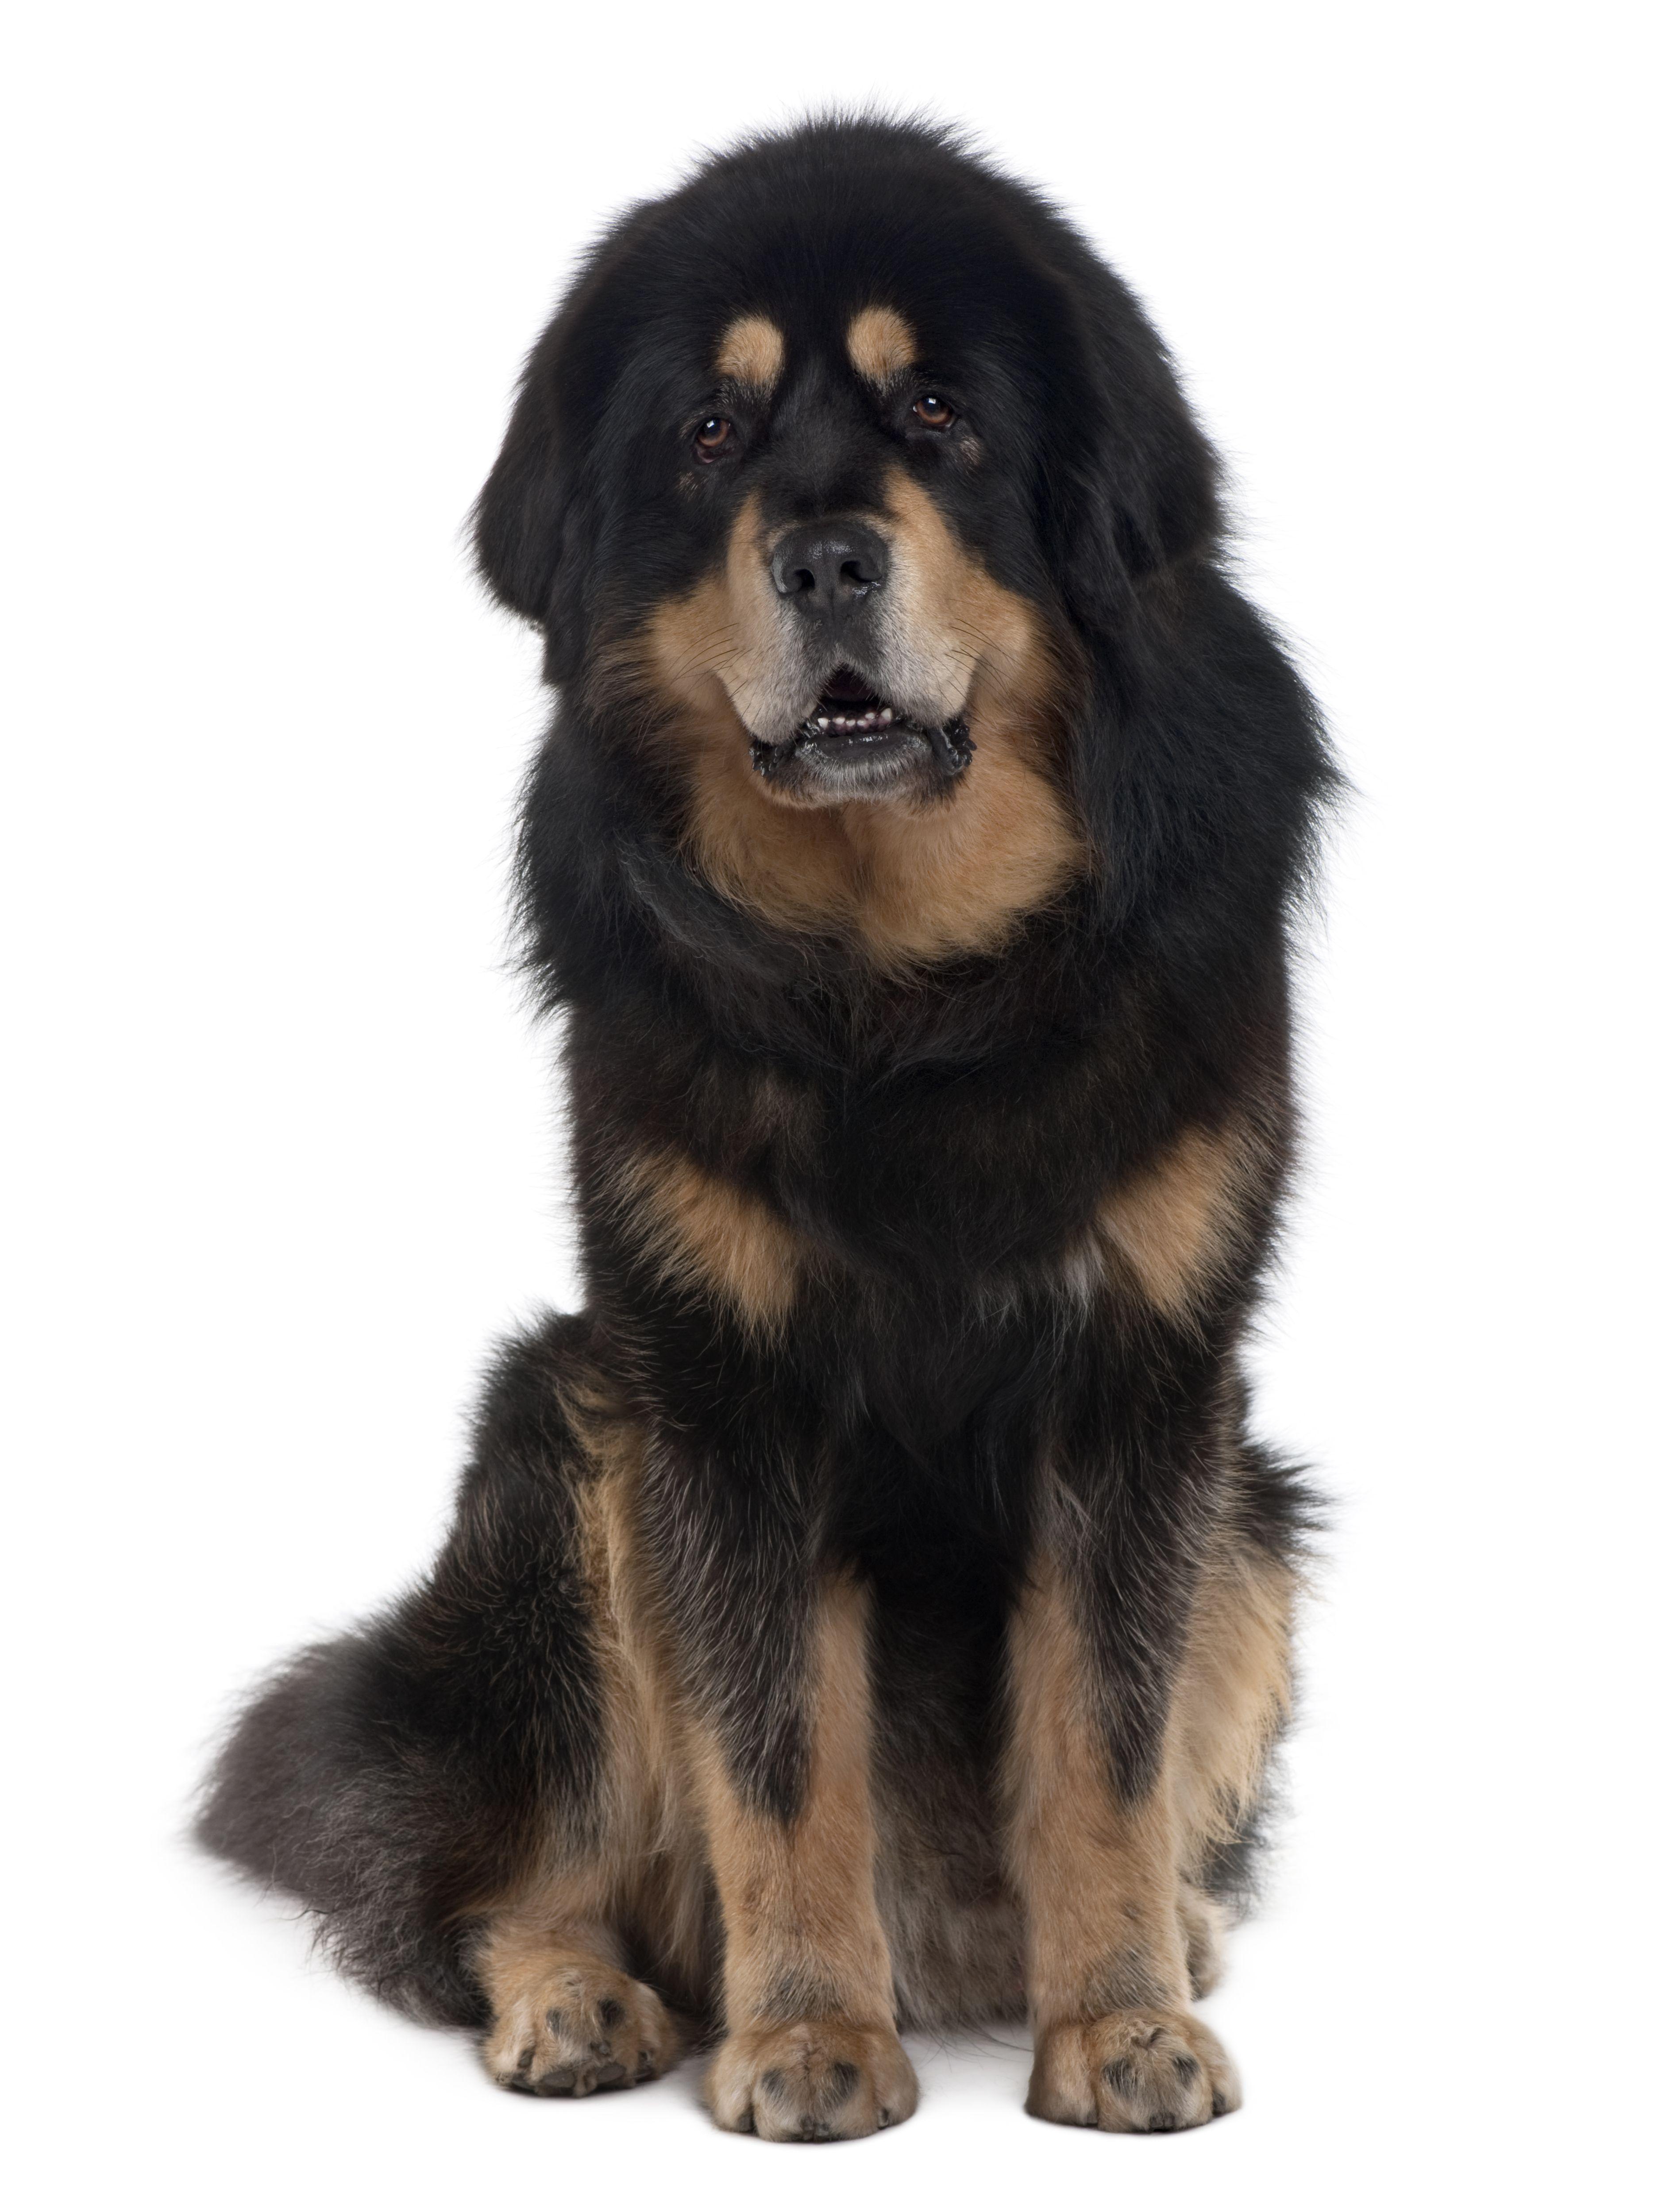 dogues américains images